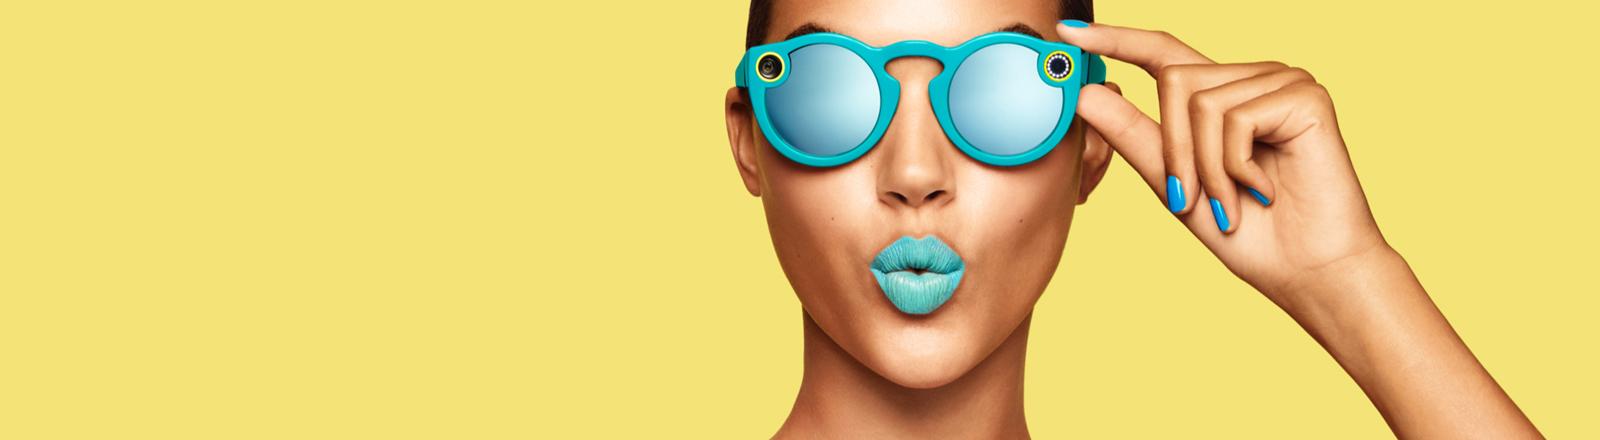 Eine Frau trägt die Spectacles von Snapchat.